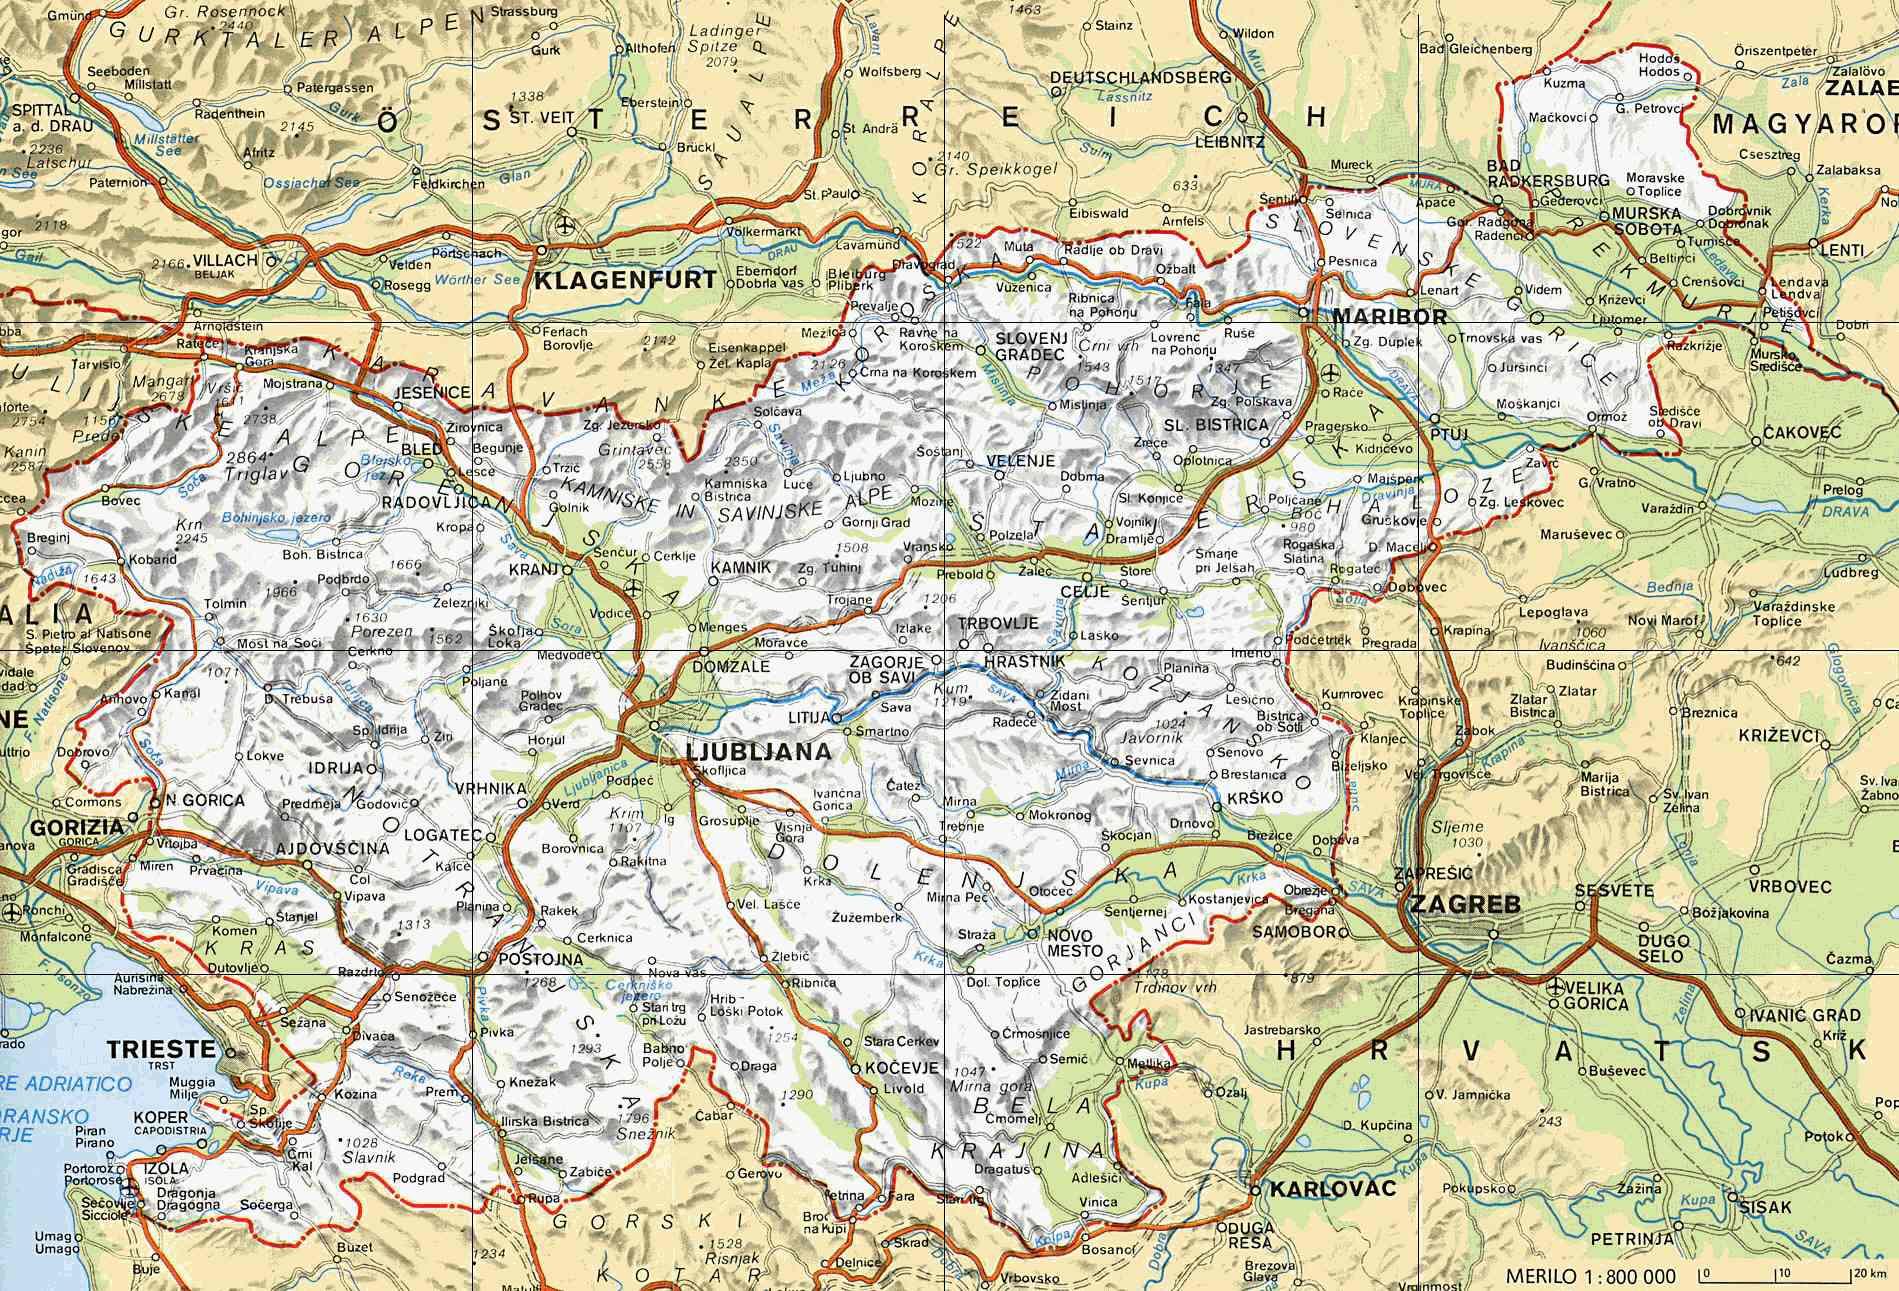 auto karta bosne i srbije Auto karte zemalja iz regije | Portal o ribolovu i zaštiti okoline  auto karta bosne i srbije